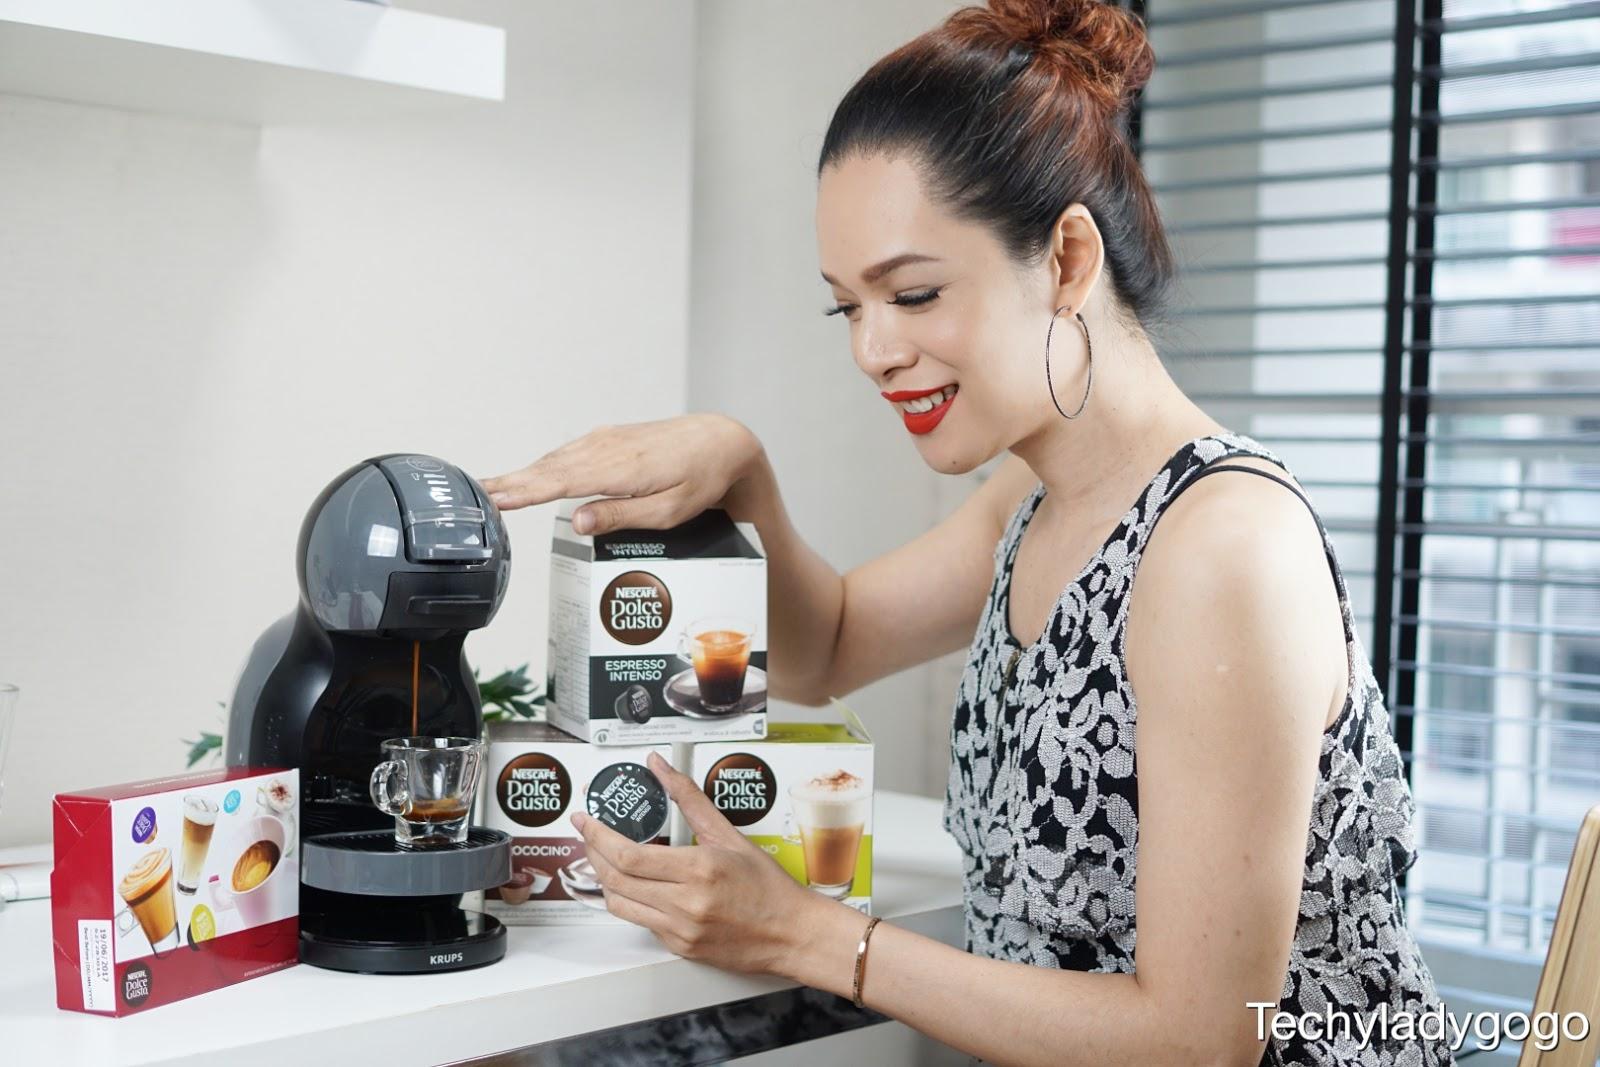 สอนชงกาแฟดำ NESCAFÉ Dolce Gusto รุ่น Mini Me เครื่องชงกาแฟแคปซูล เนสกาแฟ ดอลเช่ กุสโต้ รุ่น มินิมี nescafe ดอยเช่ กุลโต้